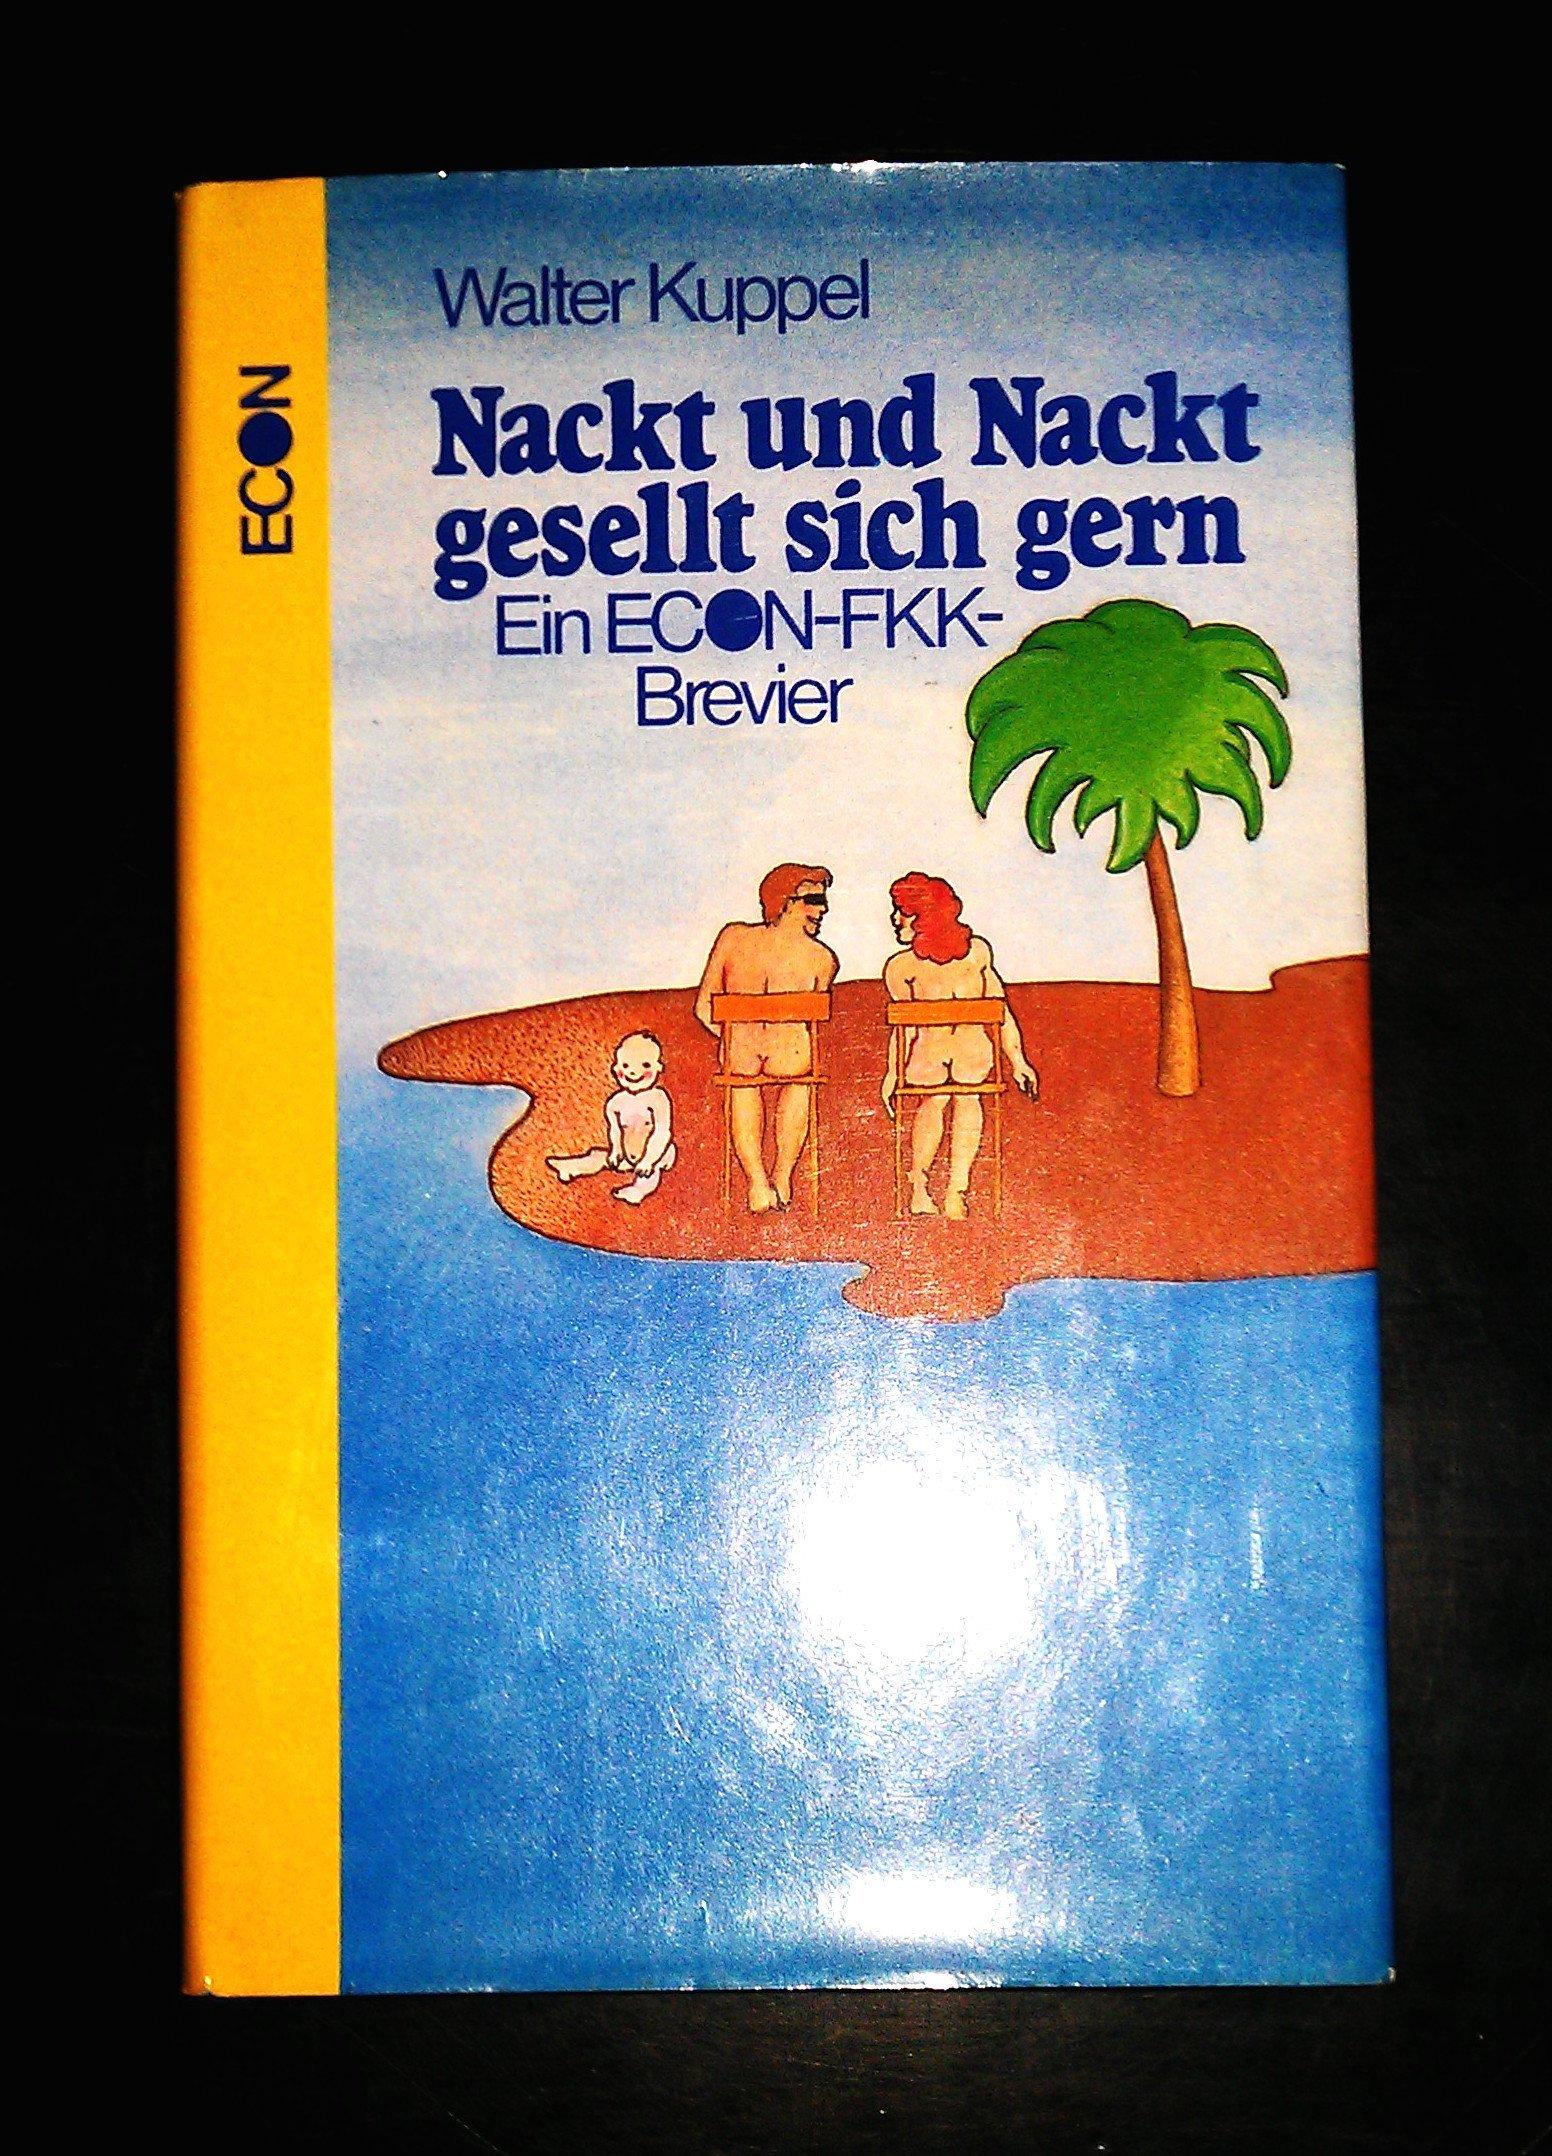 Nackt fkk fotos Nacktheit